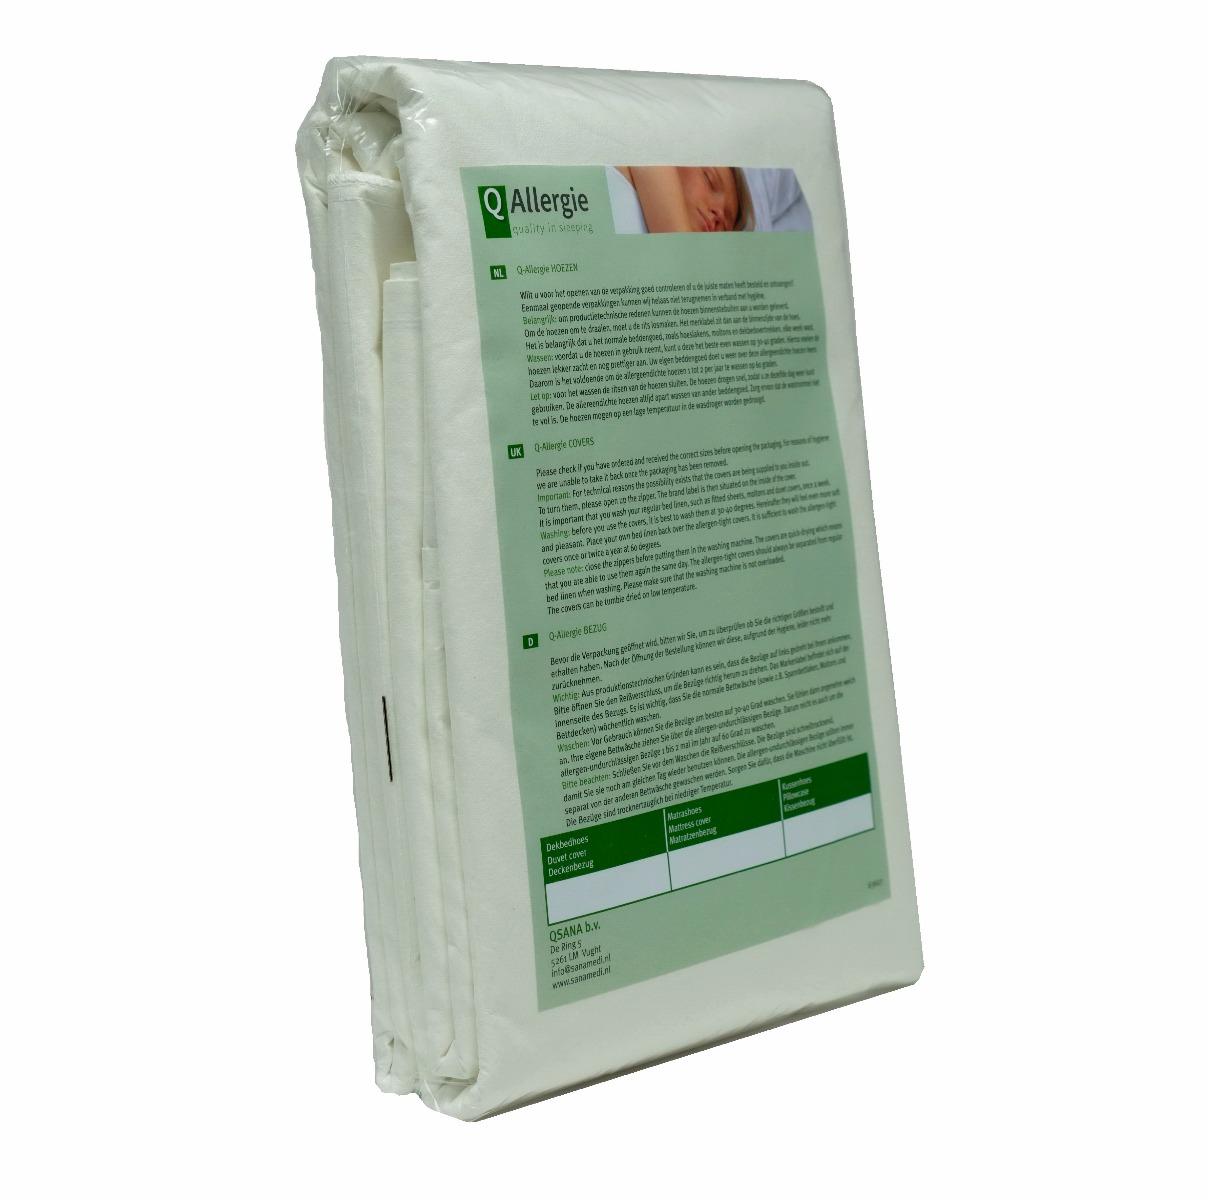 Dekbedhoes Q-Allergie 1-Persoons 140 x 200 cm   Anti allergie dekbedhoes